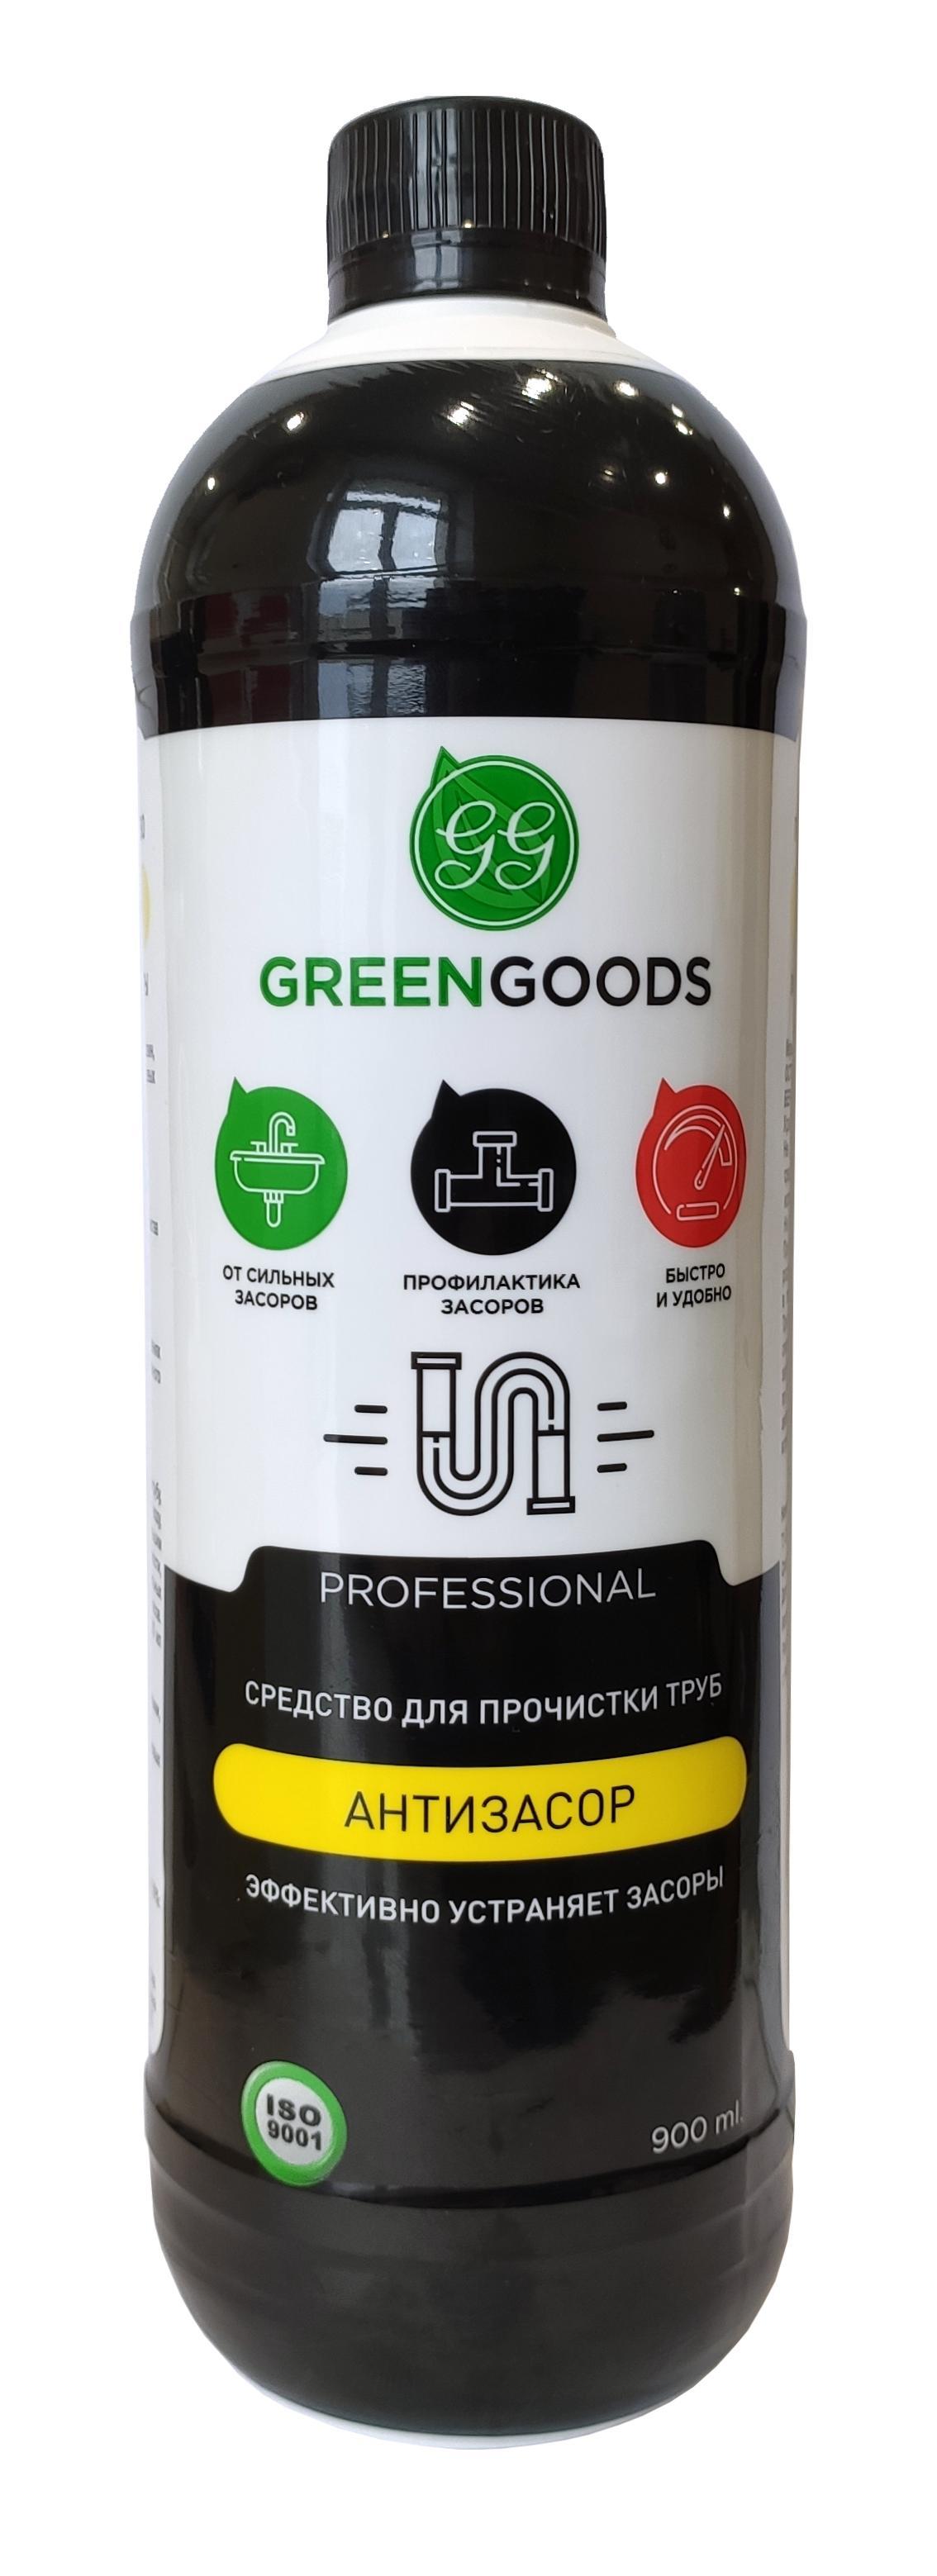 Green Goods Профессиональное средство для прочистки труб